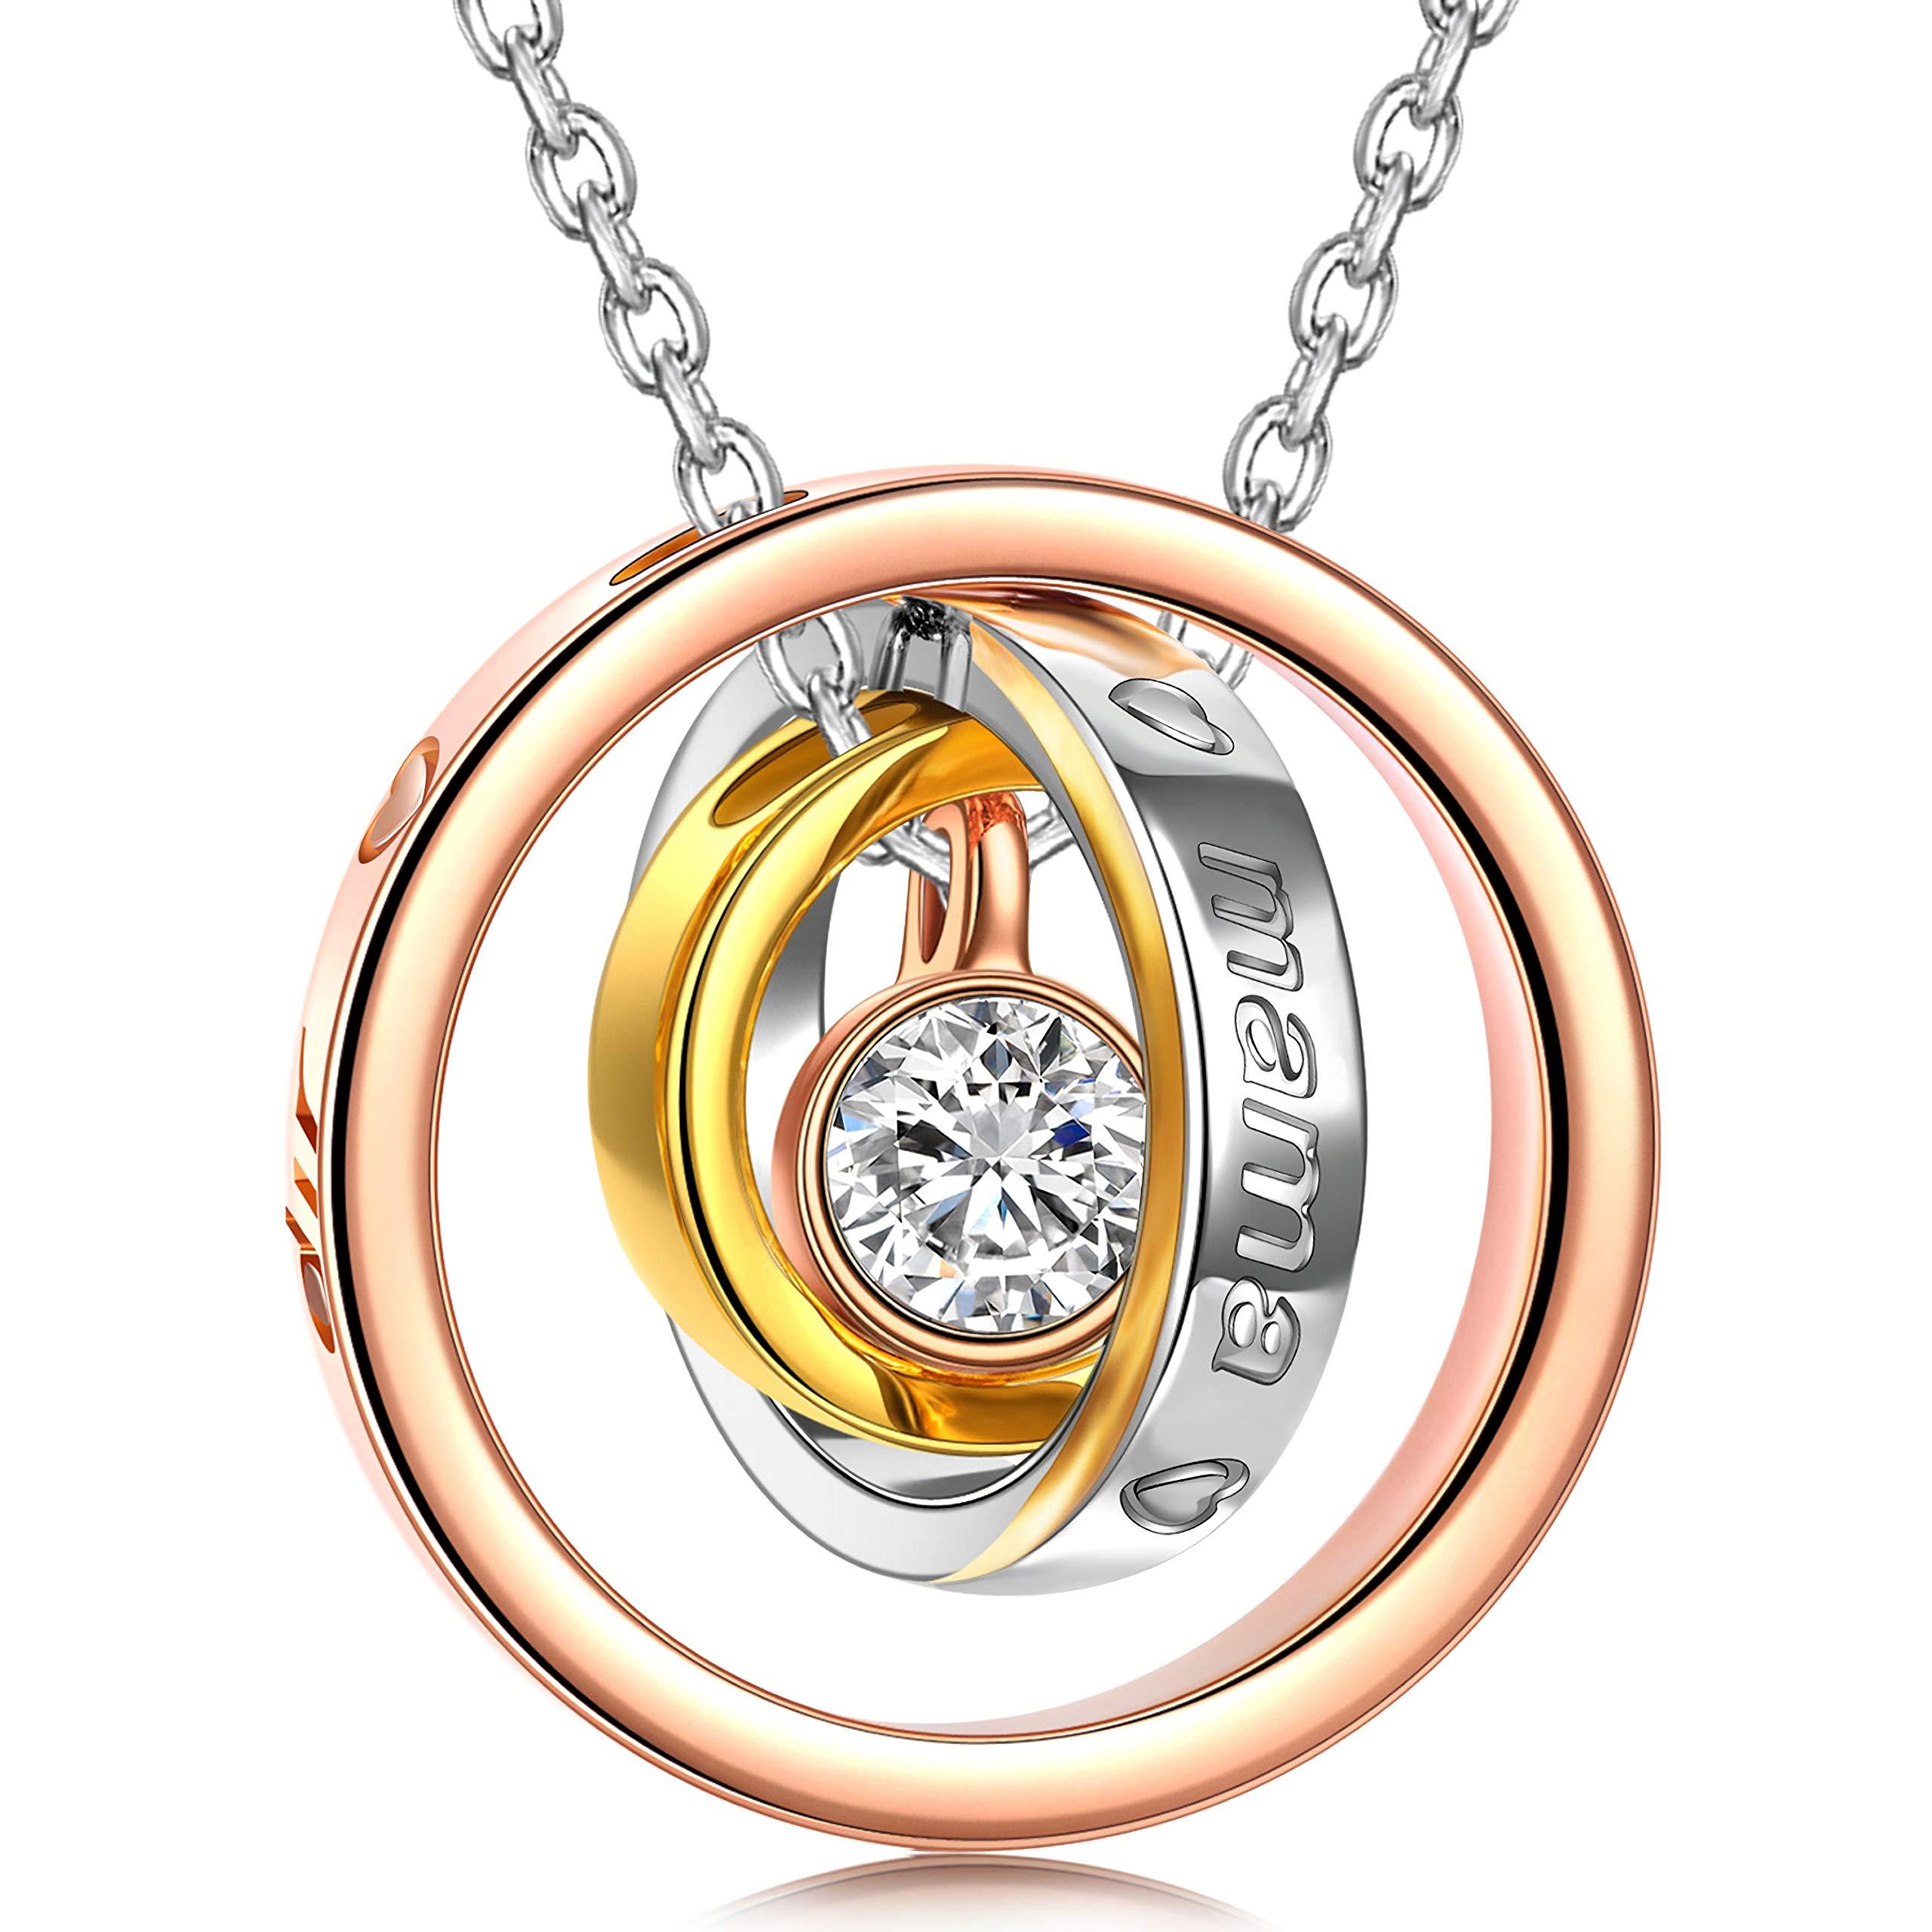 Kami Idea Halskette - EWIG - Rosegold Anhänger, Geschenk für Mama und Liebe, Kristall von Swarovski, Elegante Geschenkverpackung, 45CM Kettenlänge, Geschenk für Damen Bild